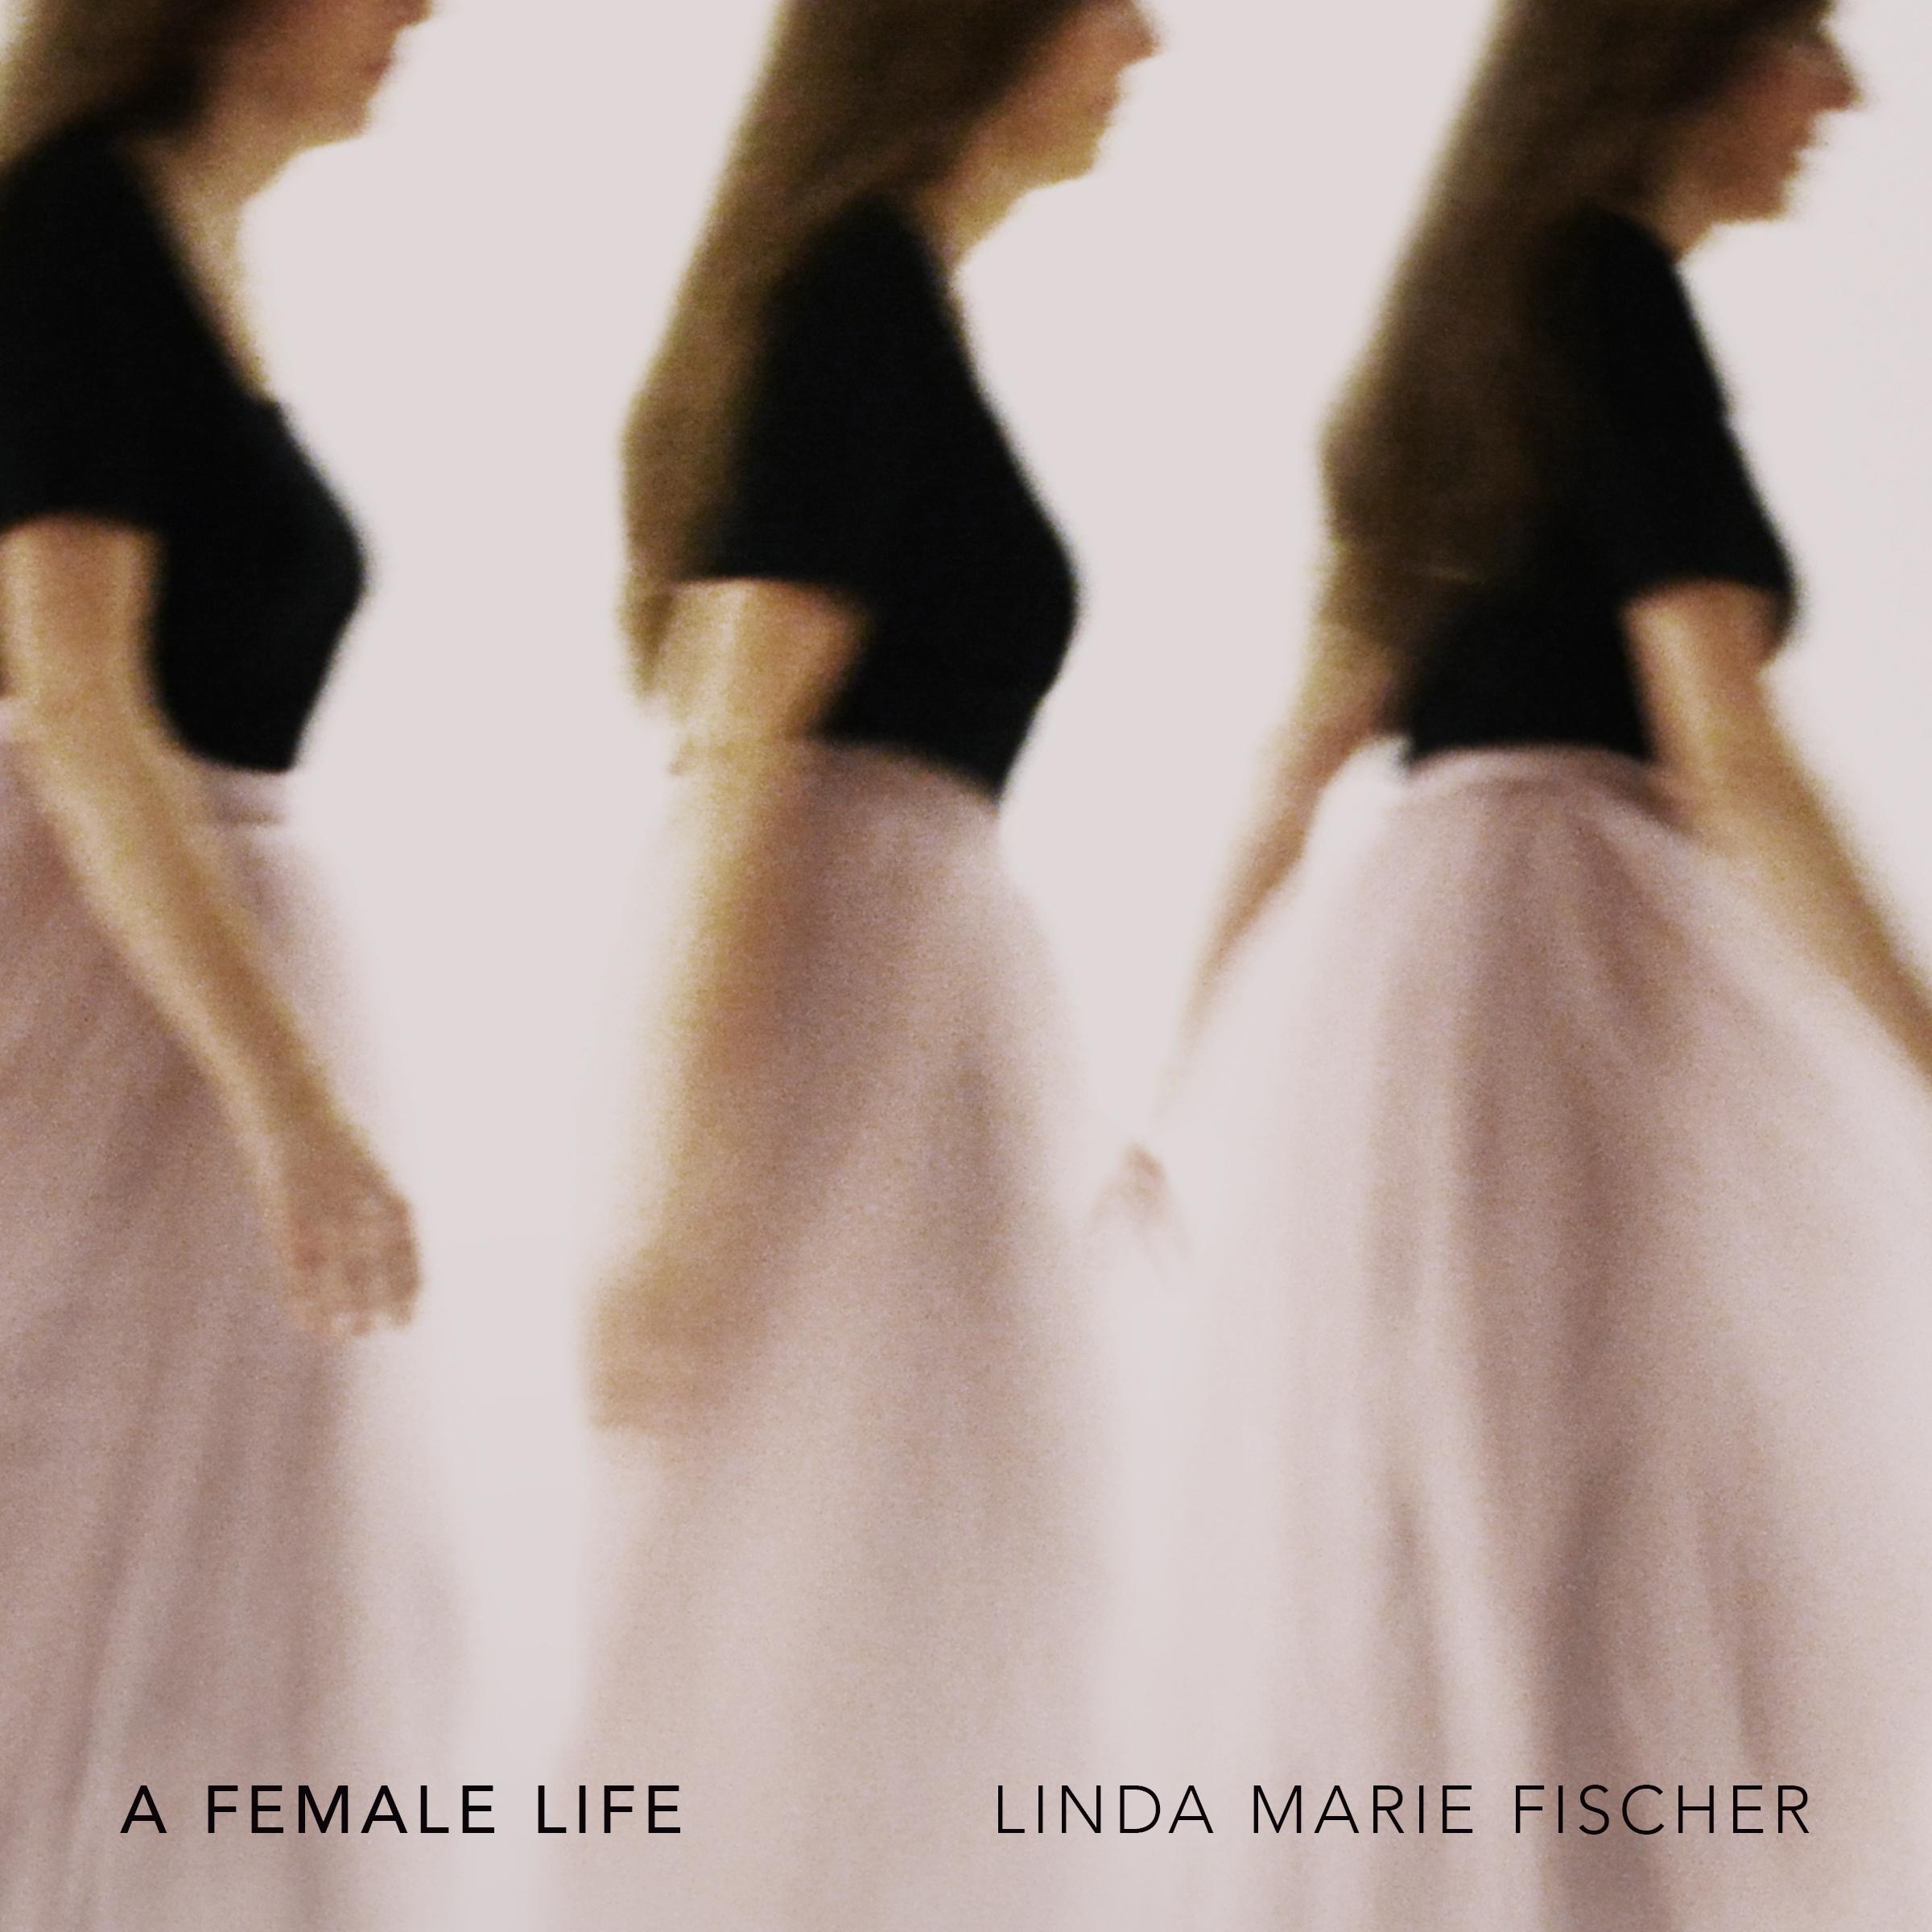 A-Female-Life.jpg